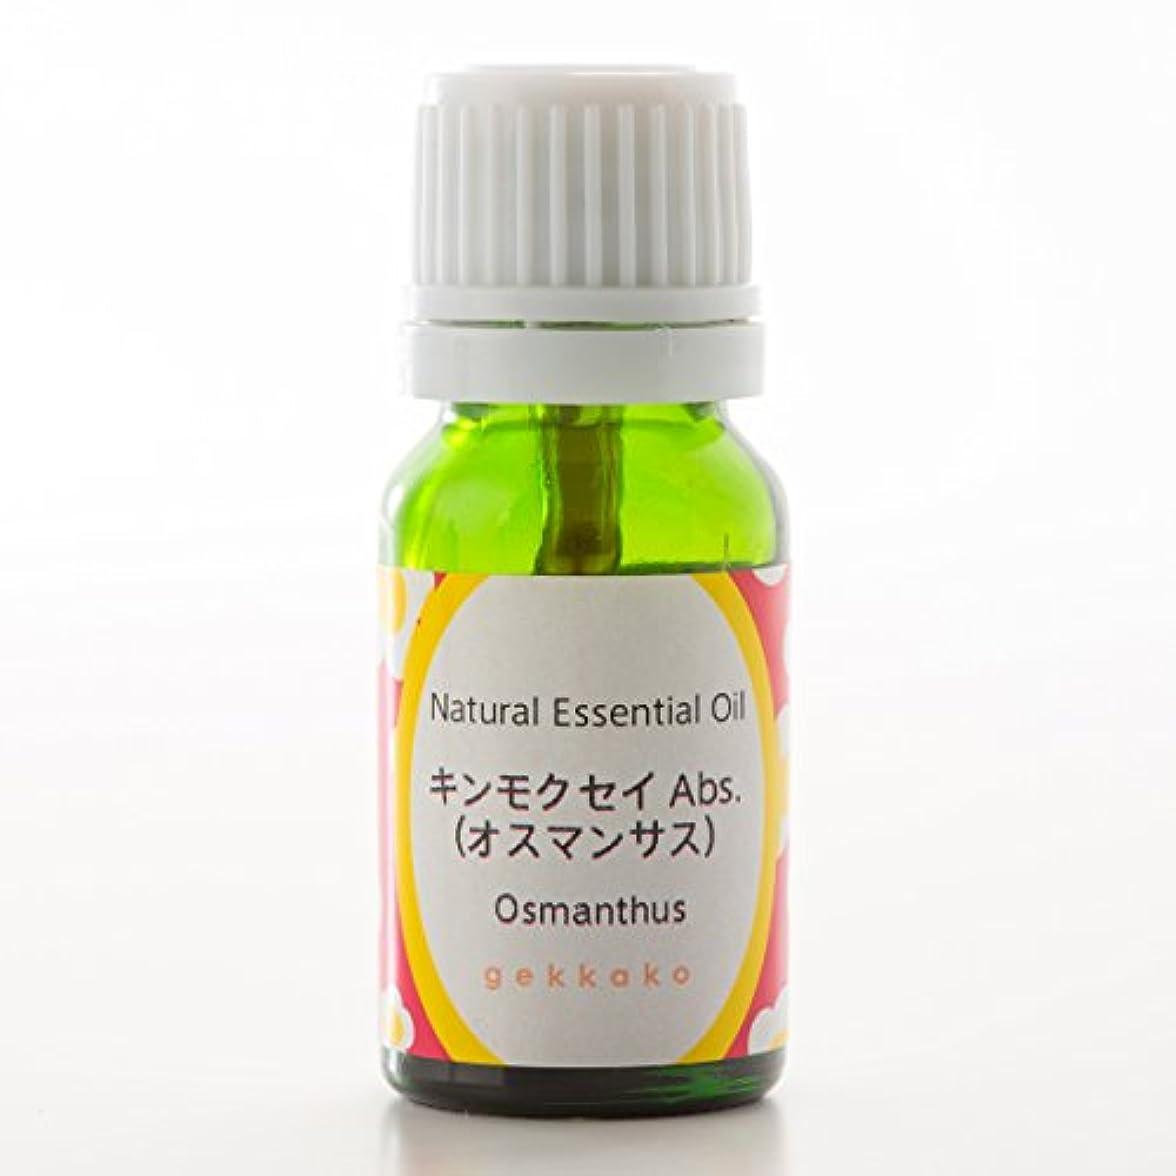 鎮痛剤クリームフィルタ<月下香>エッセンシャルオイル/アロマ/キンモクセイ【3ml】 (3ml)